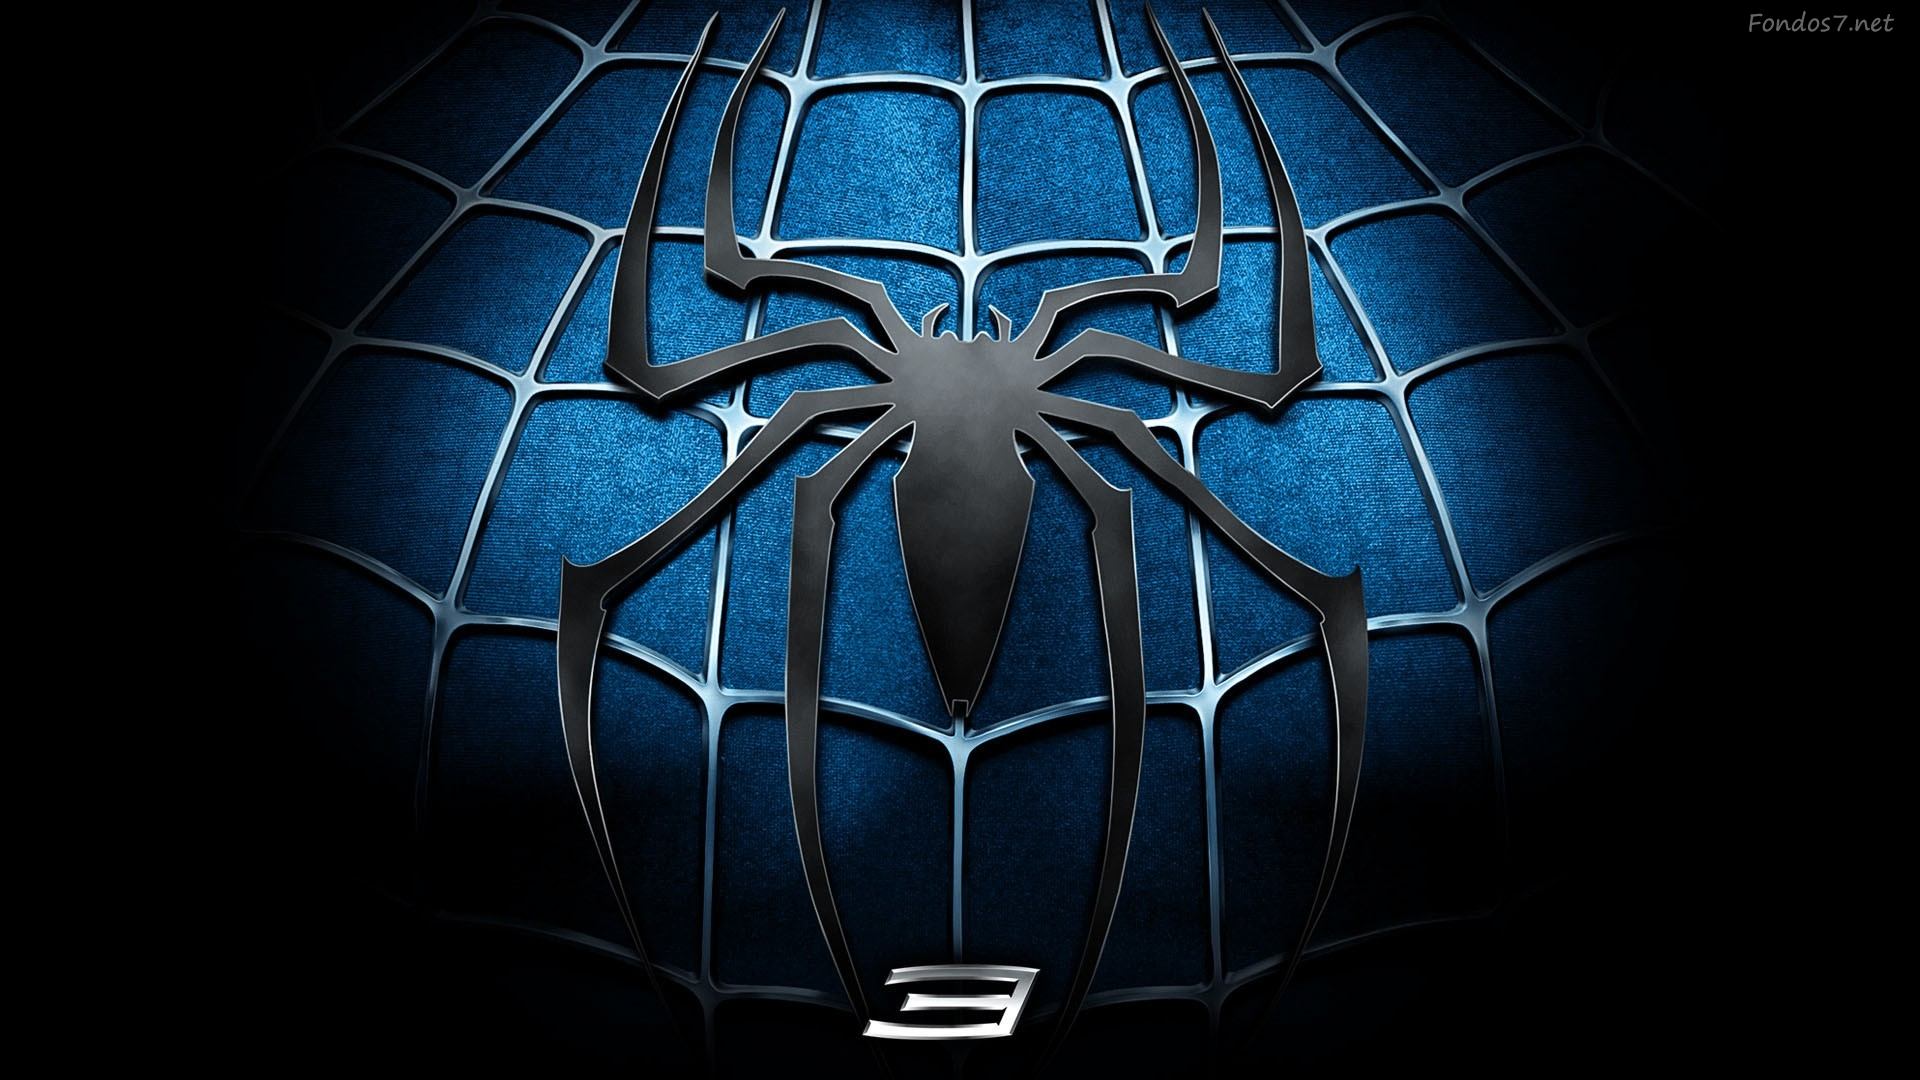 Descargar Fondos de pantalla spiderman final hd widescreen Gratis 1920x1080